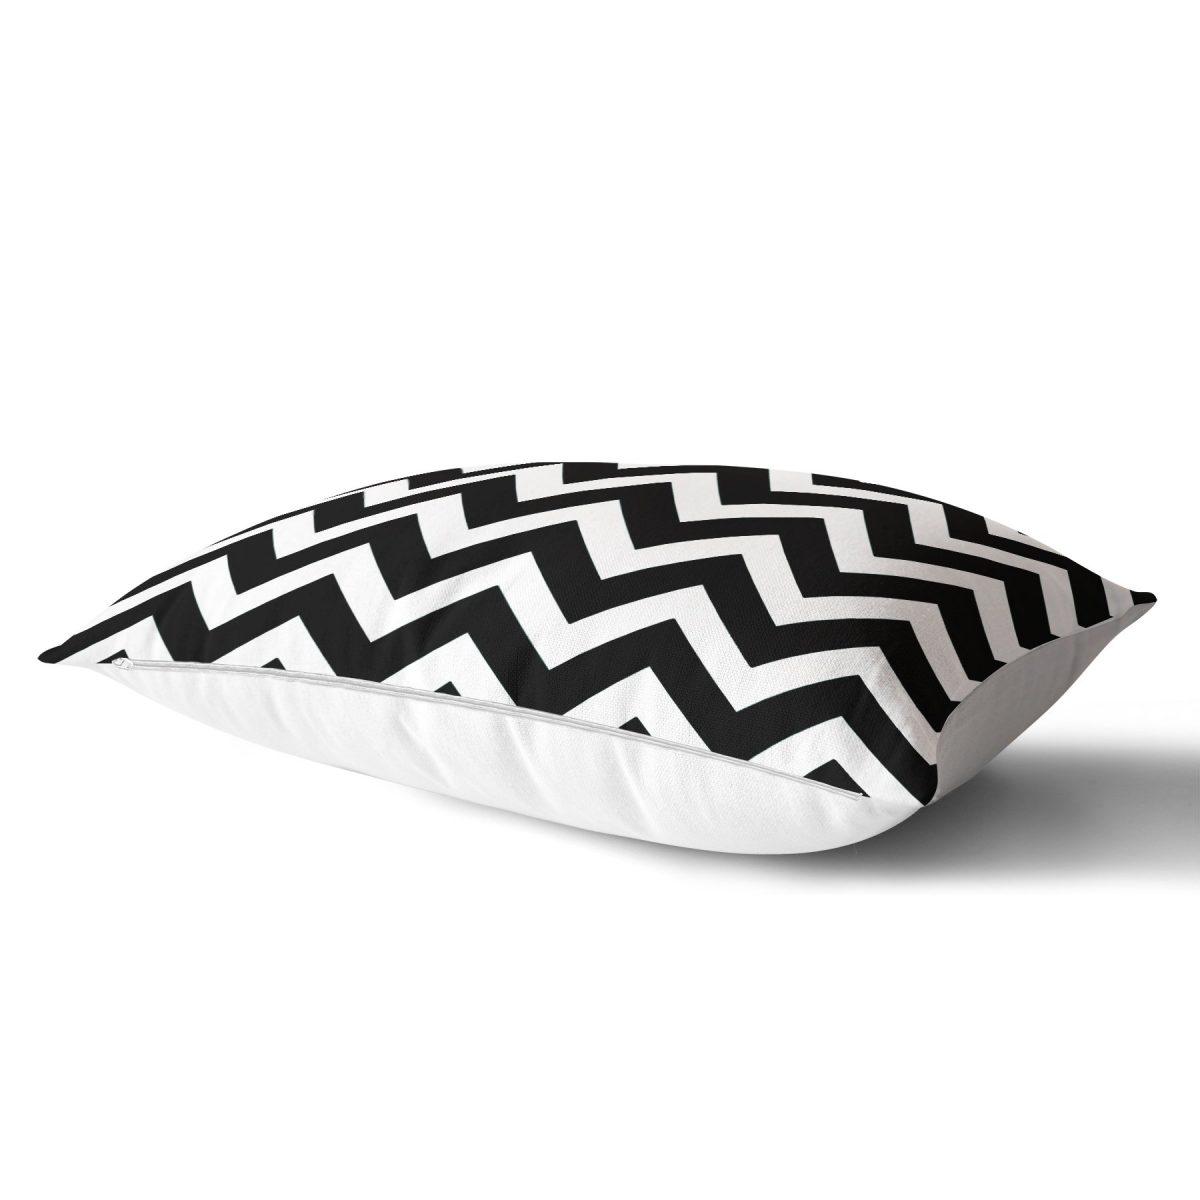 Modern Zigzag Desenli Dijital Baskılı Dekoratif Dikdörtgen Yastık Kırlent Kılıfı Realhomes